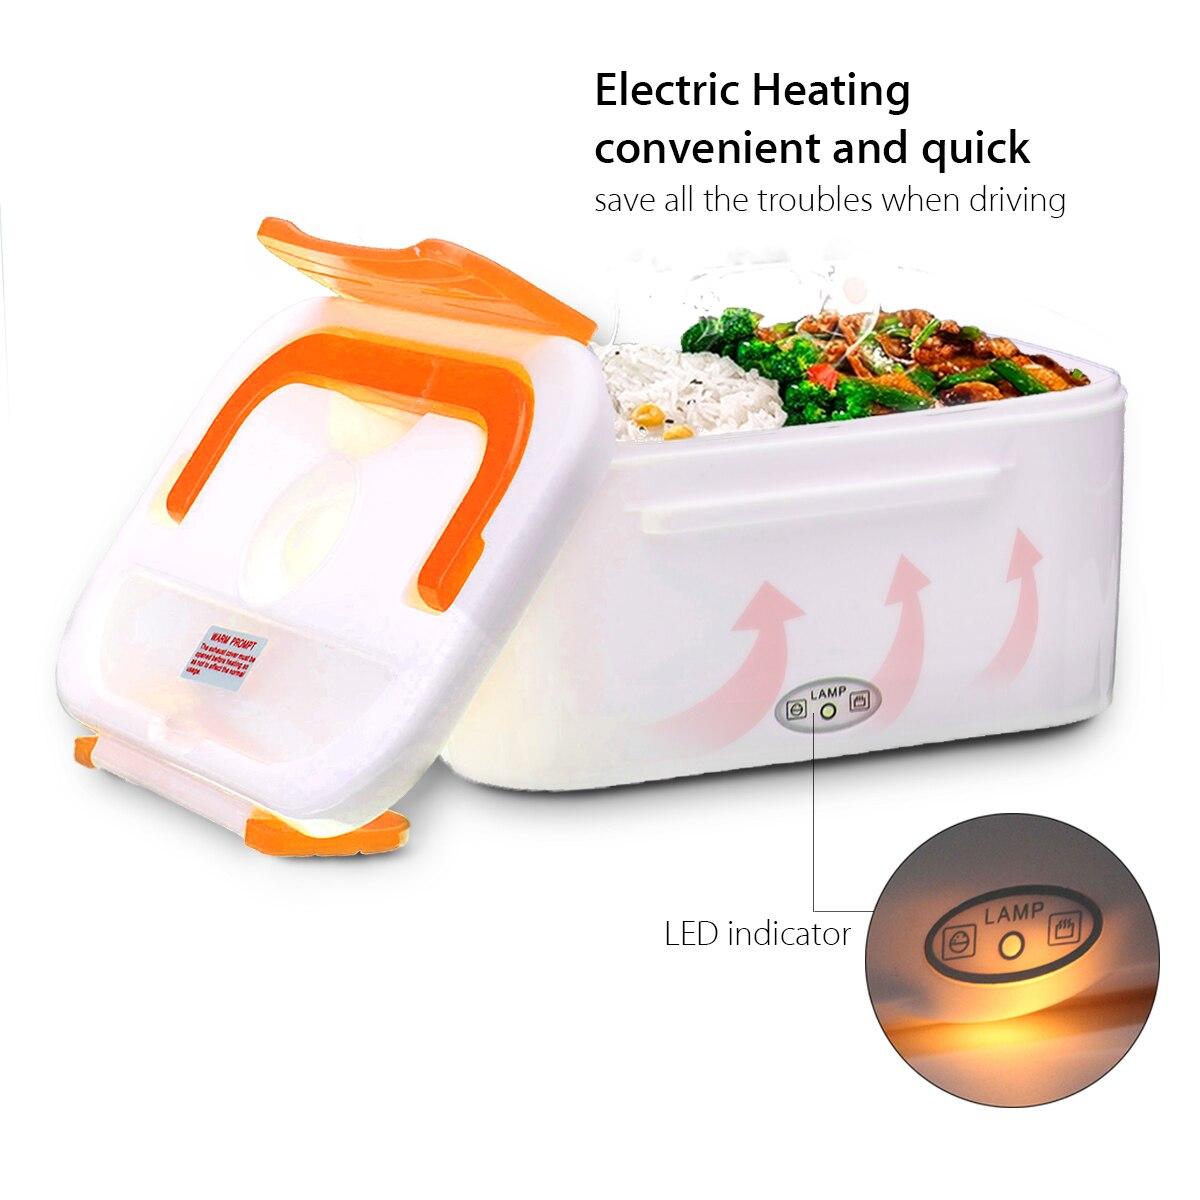 Электрическая нагревательная автомобильная коробка для ланча 12 В портативная коробка для хранения еды бенто контейнер для подогрева еды д...